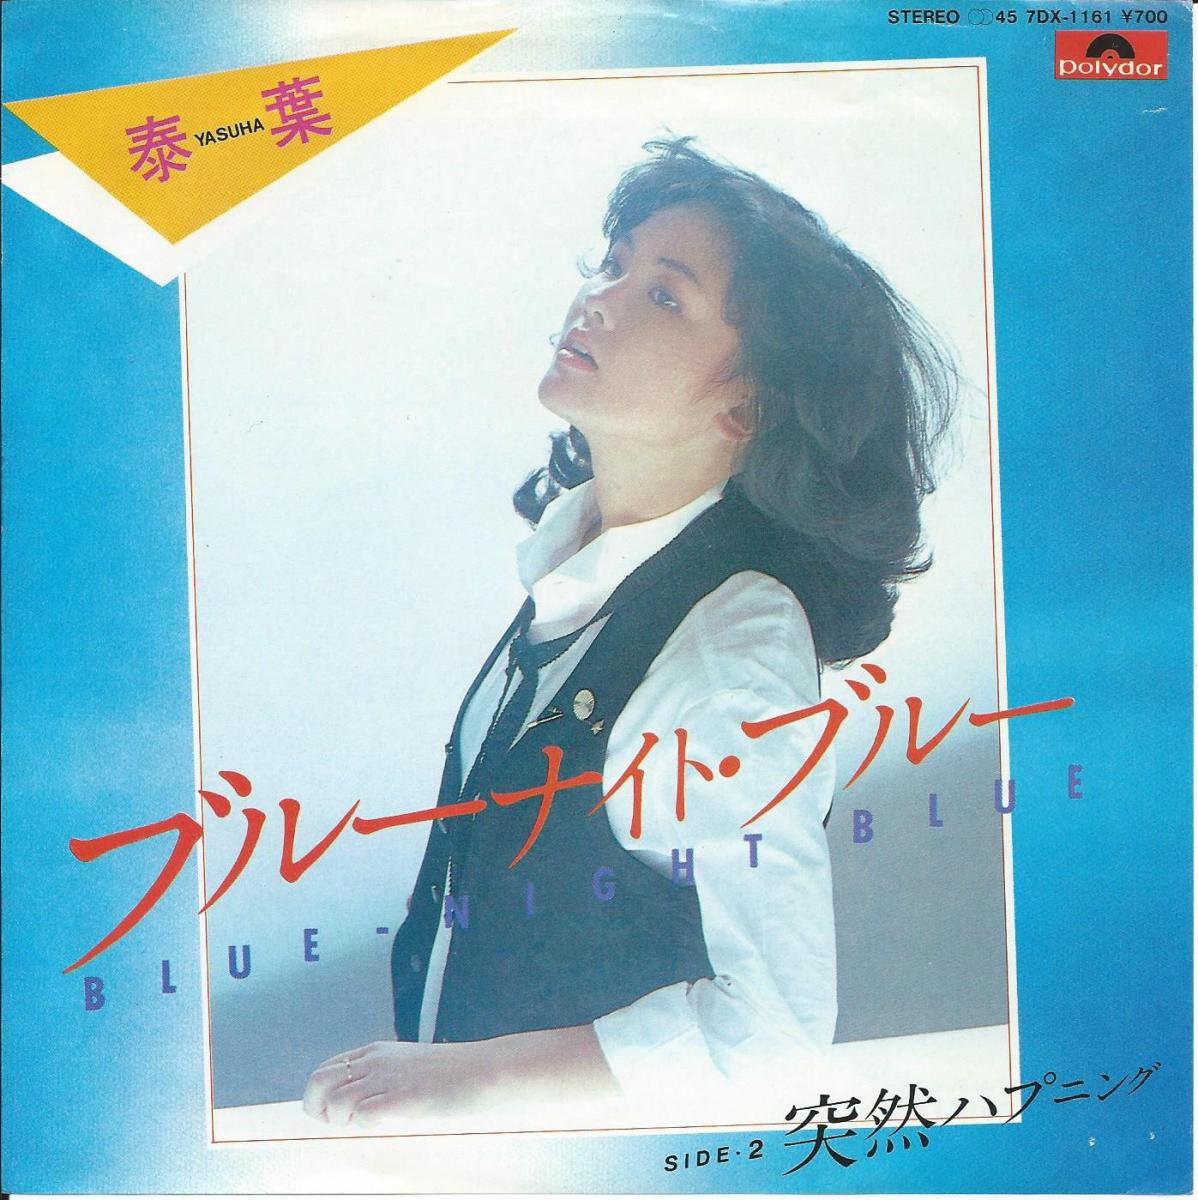 泰葉 YASUHA / ブルーナイト・ブルー BLUE NIGHT BLUE (7